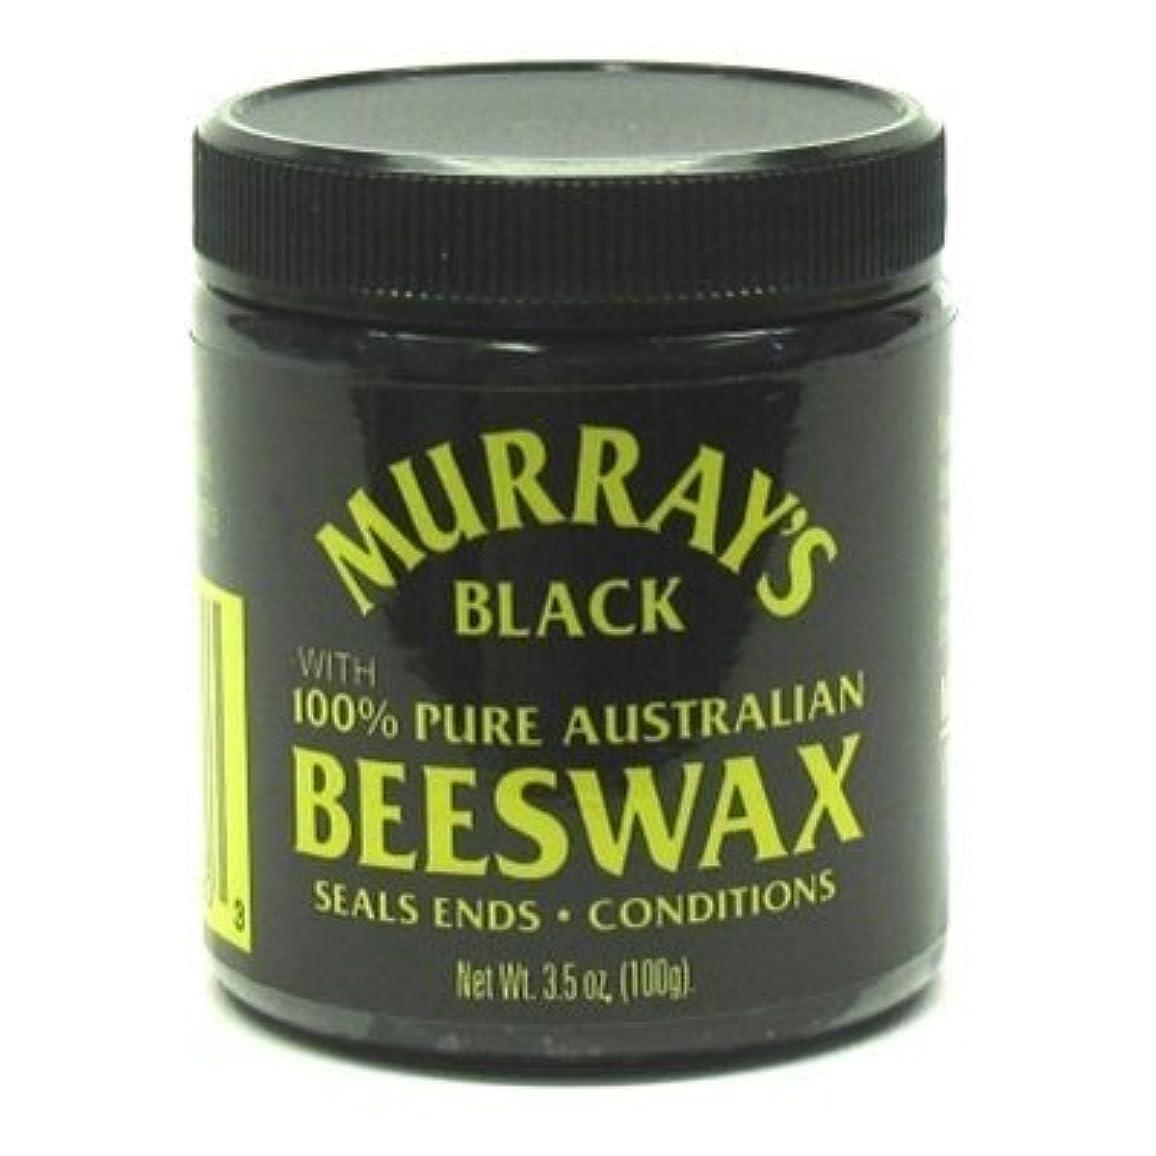 メナジェリー孤独な床を掃除するMurray's 黒蜜ろう、3.5オズ(2パック)